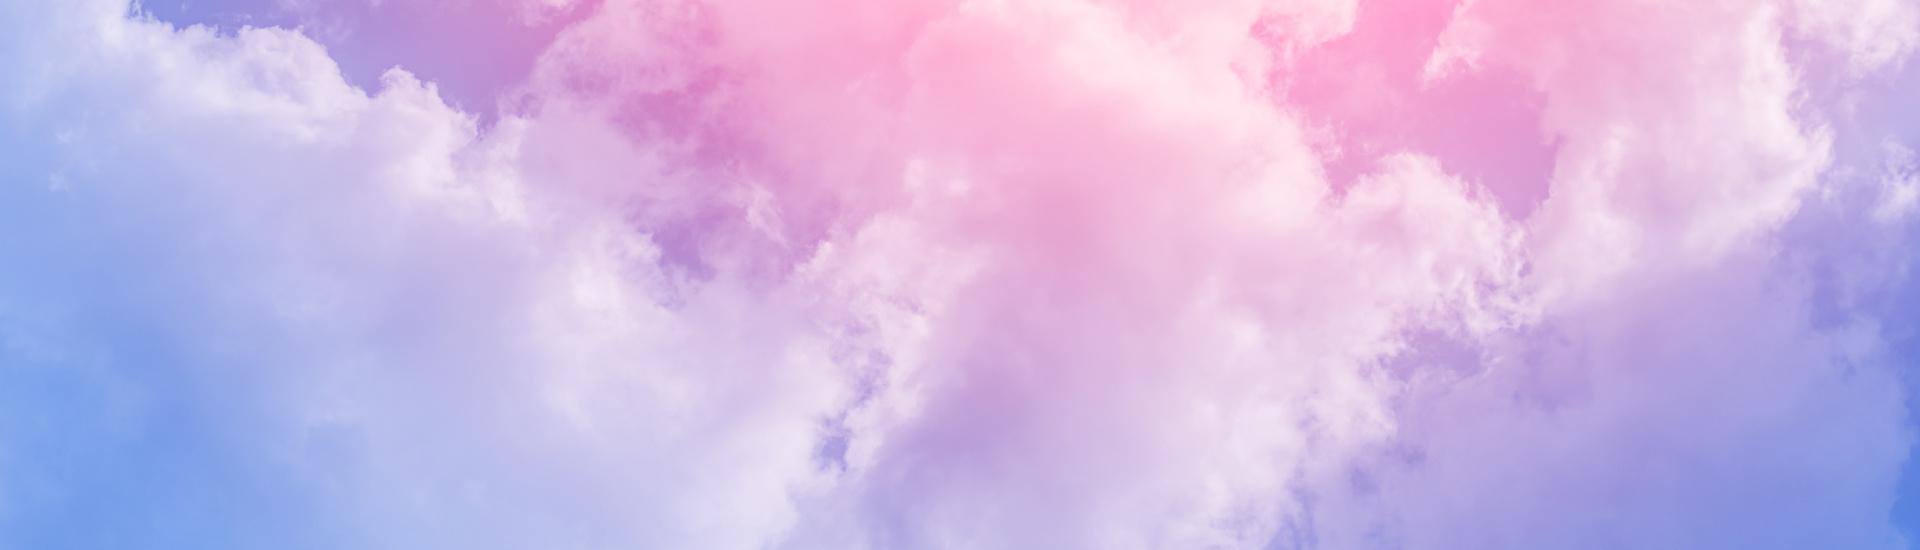 MD Kosmetik - Ihr Wohlfühlsalon in Willich. Kosmetik- und Anti-Aging-Behandlungen, Massagen, Maniküre, Pediküre. Fachkundige Behandlungen für Ihr Wohlbefinden.